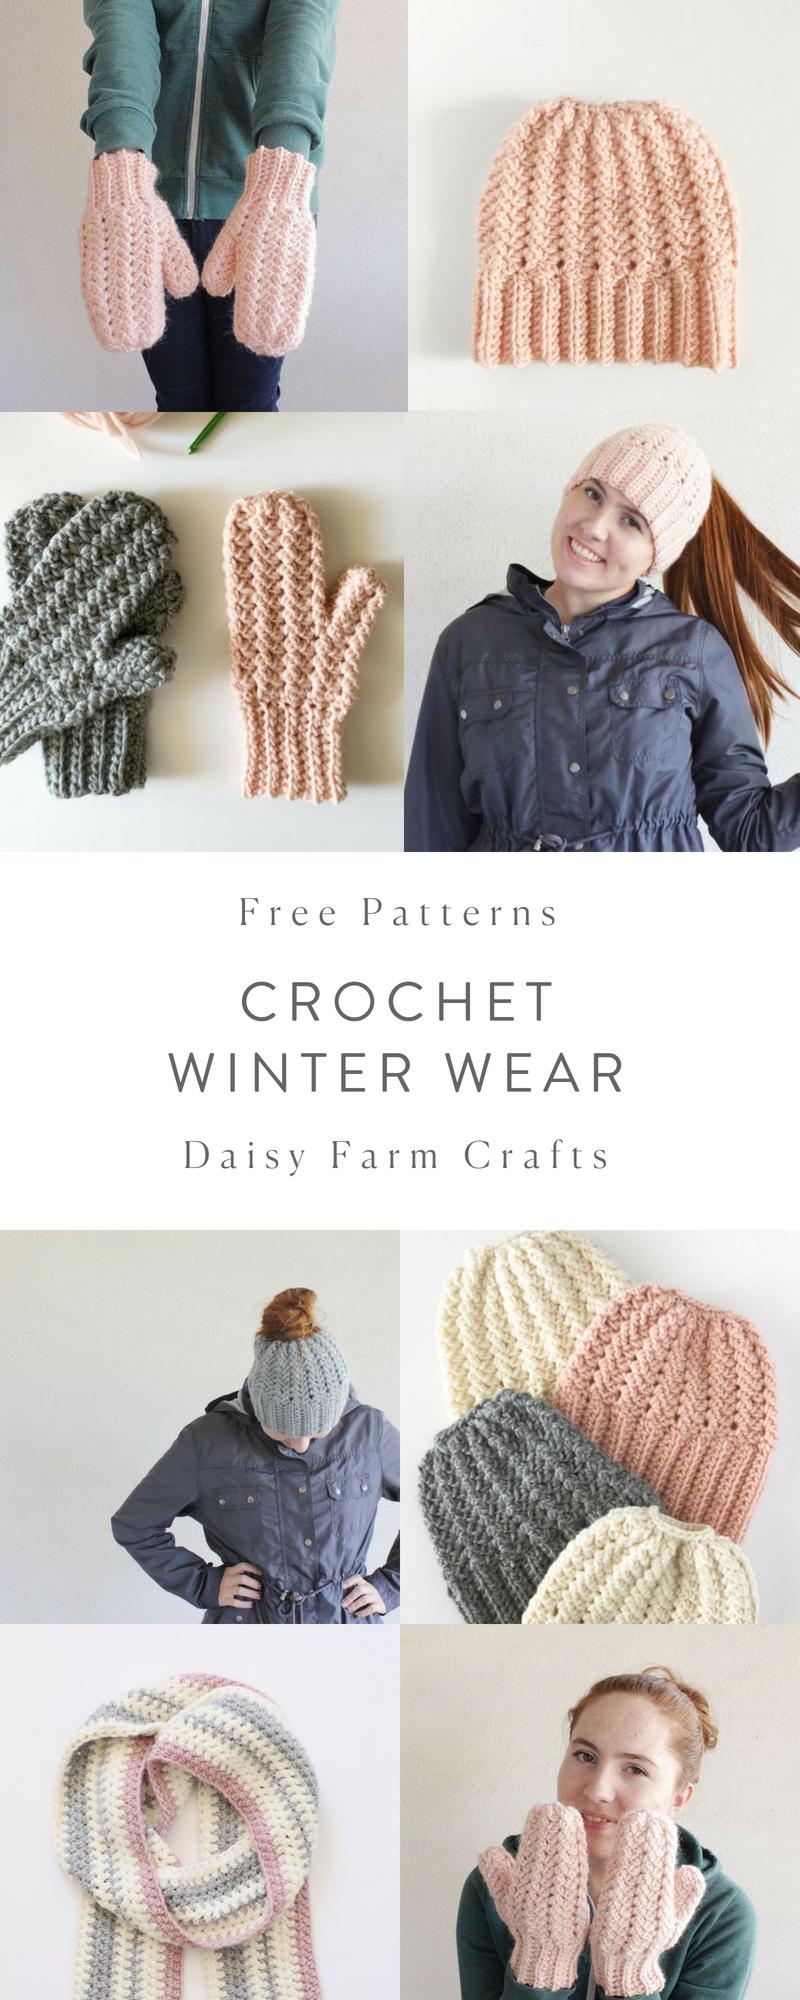 Free Crochet Winter Wear Patterns - Daisy Farm Crafts #crochet ...